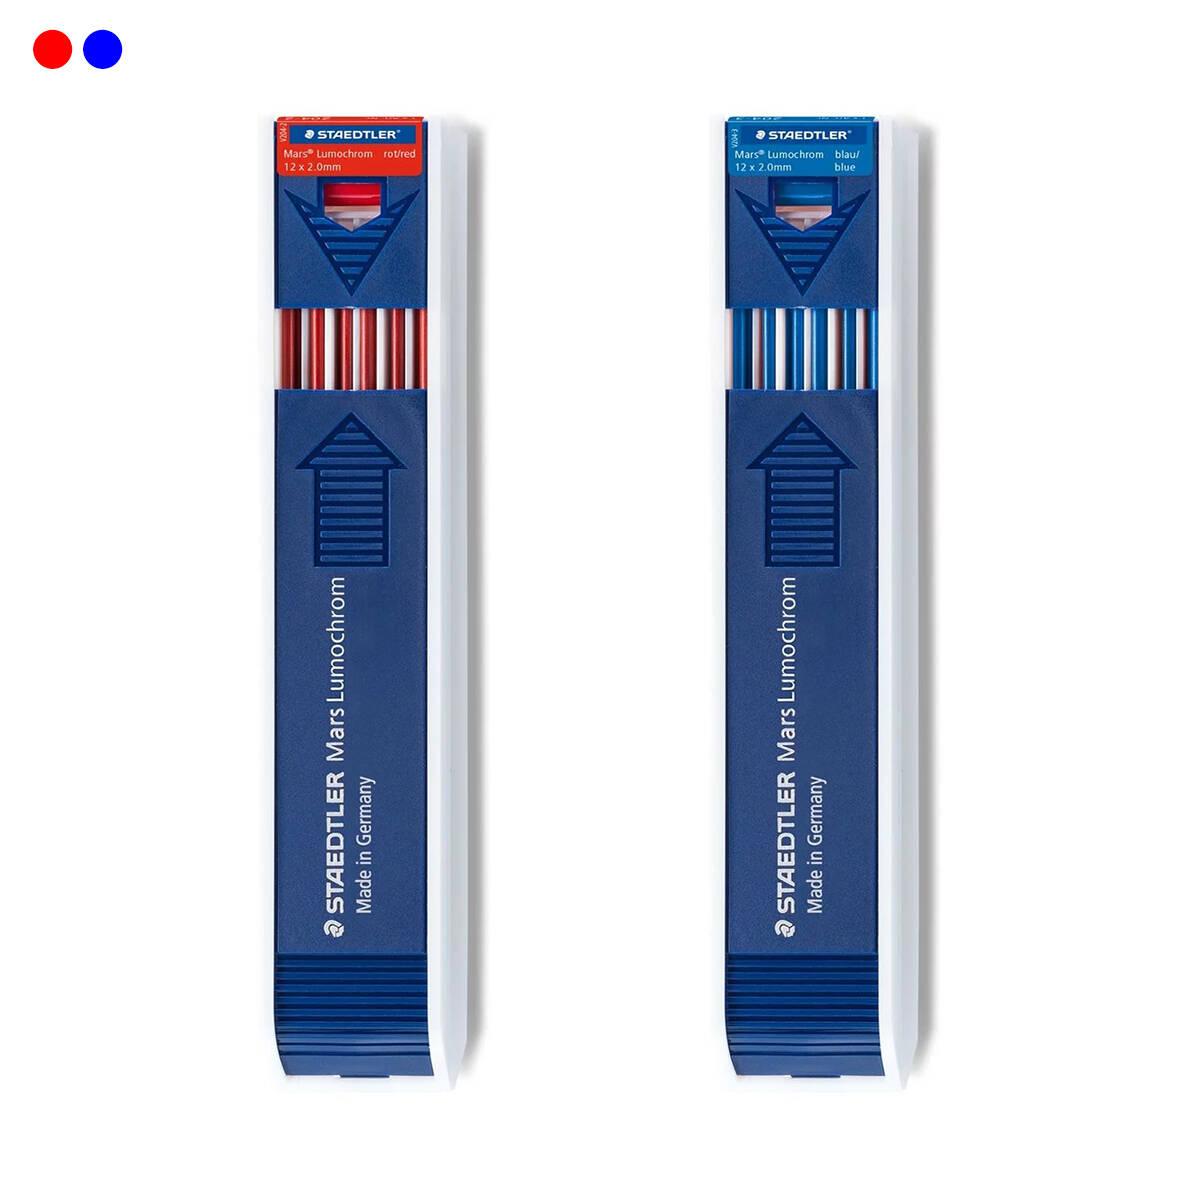 メ可 ステッドラー 激安格安割引情報満載 シャープ ホルダー芯 204- 価格 マルス ルモクローム色芯 2mm